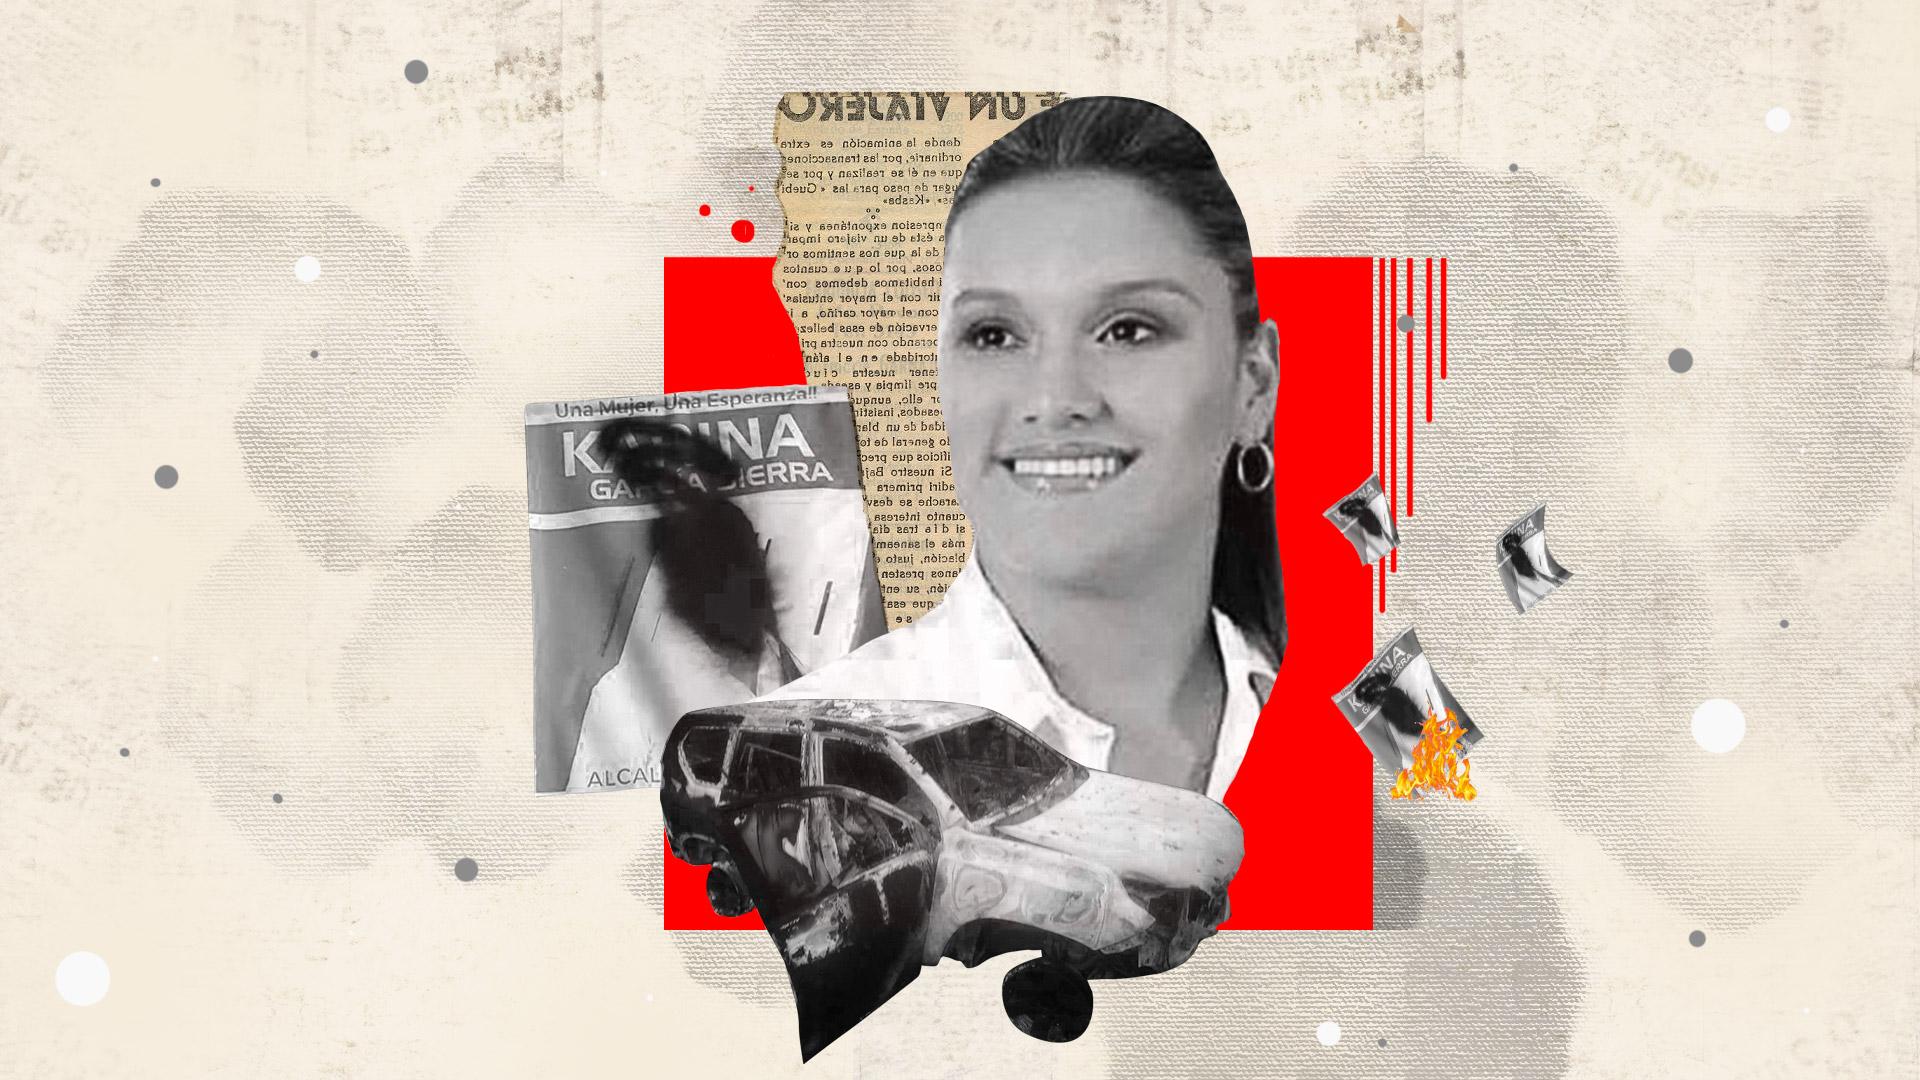 El asesinato de Karina García es otro balazo directo a la paz